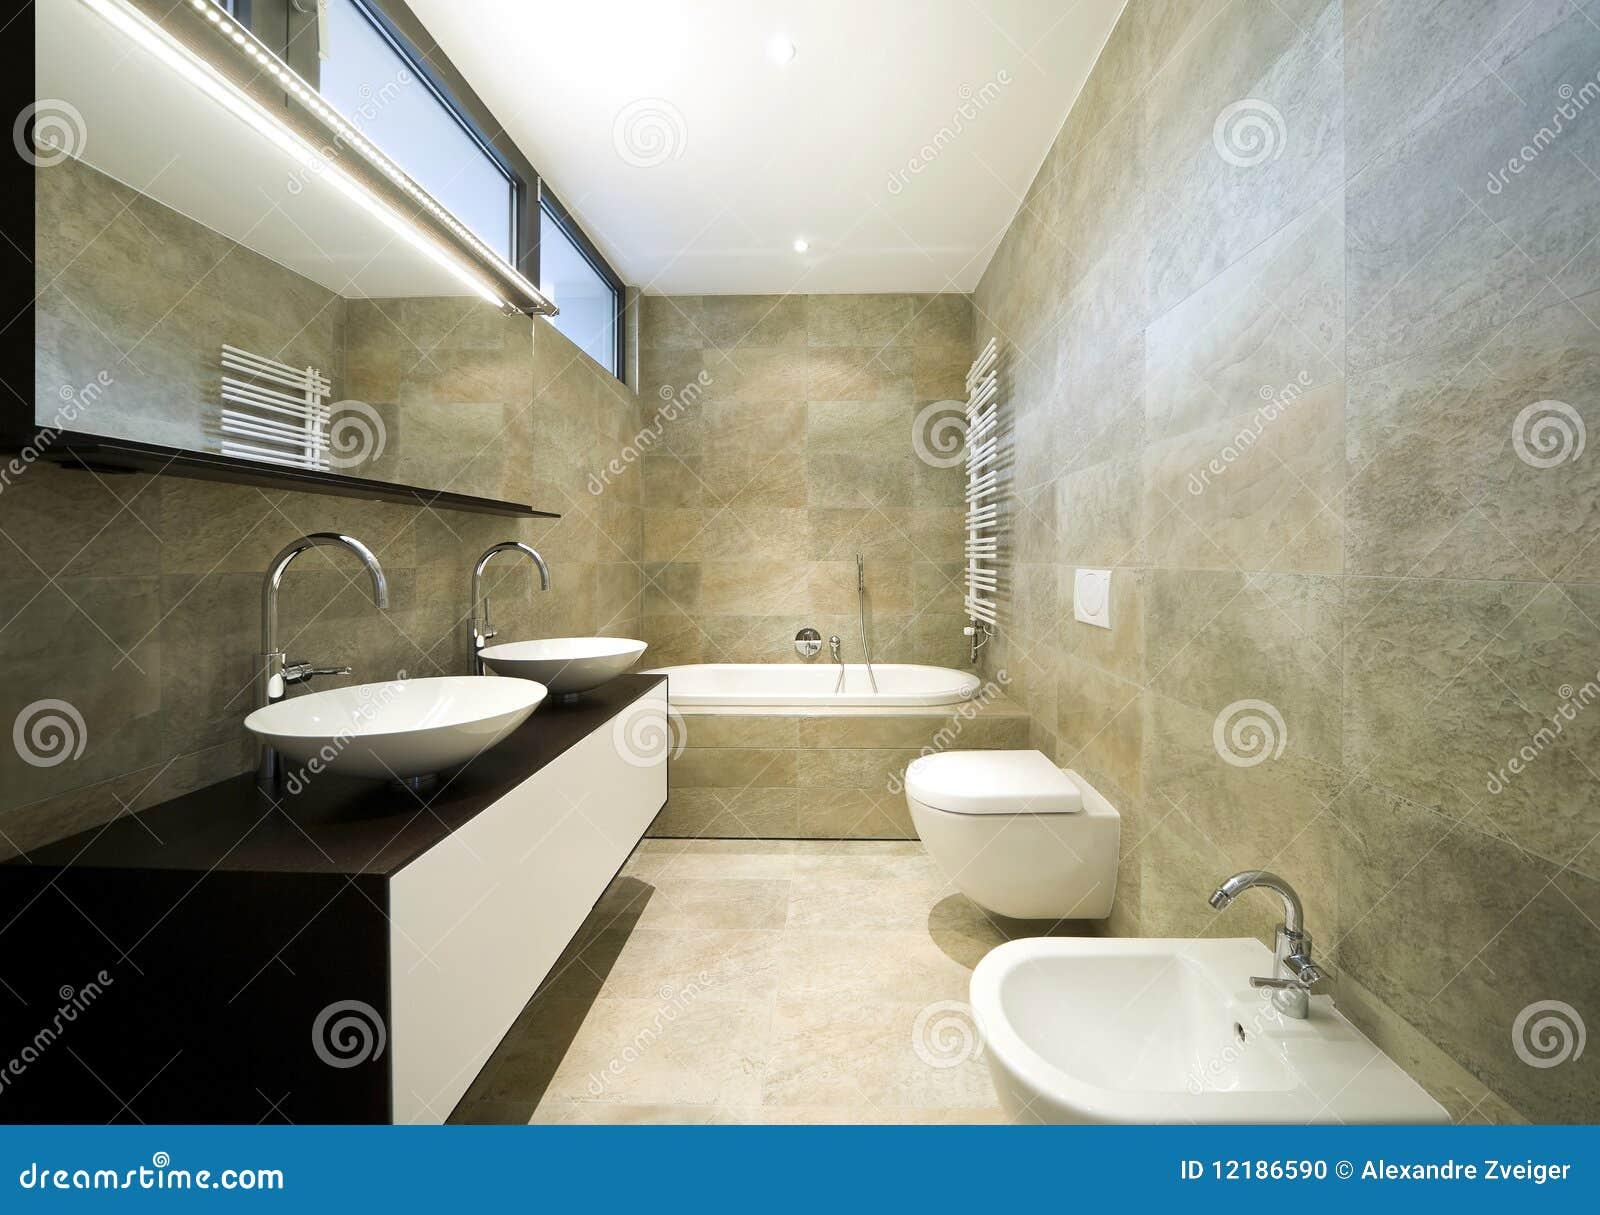 Banheiro Bonito Interior Foto de Stock Imagem: 12186590 #82A328 1300x1004 Banheiro Bonito